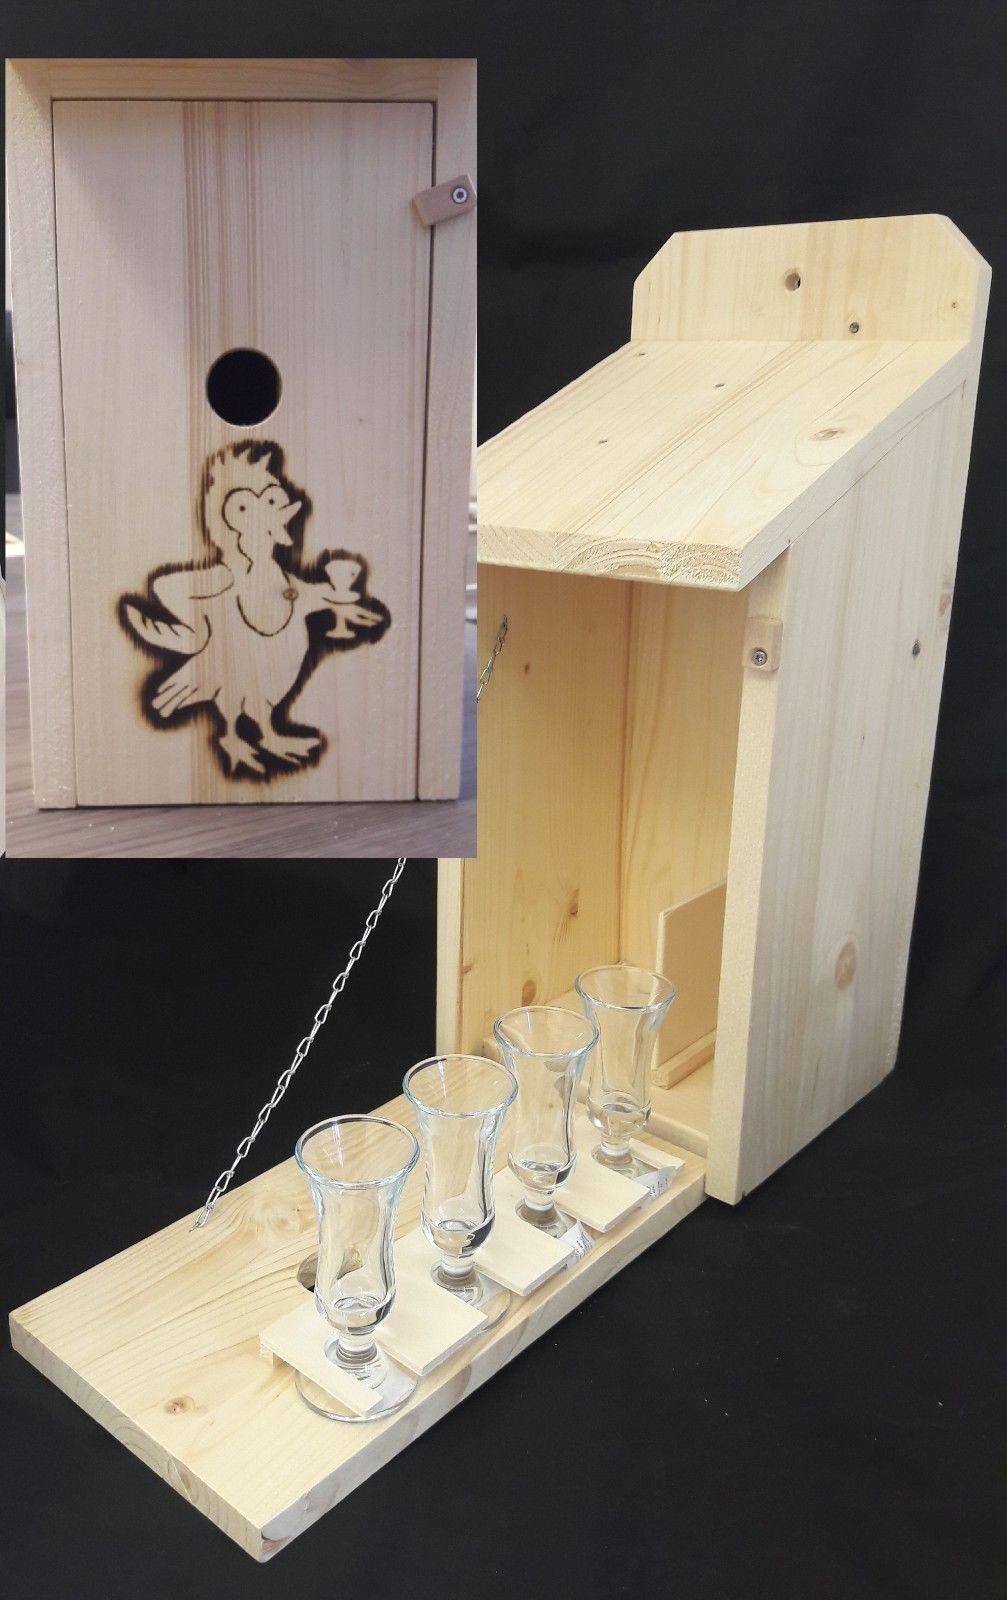 Vogelhaus Schnapsbar Holz Zwitscherkasten Geschenkidee Mit Gebranntem Motiv Eur 34 34 Picclick De Zwitscherkasten Holzgeschenke Geschenkideen